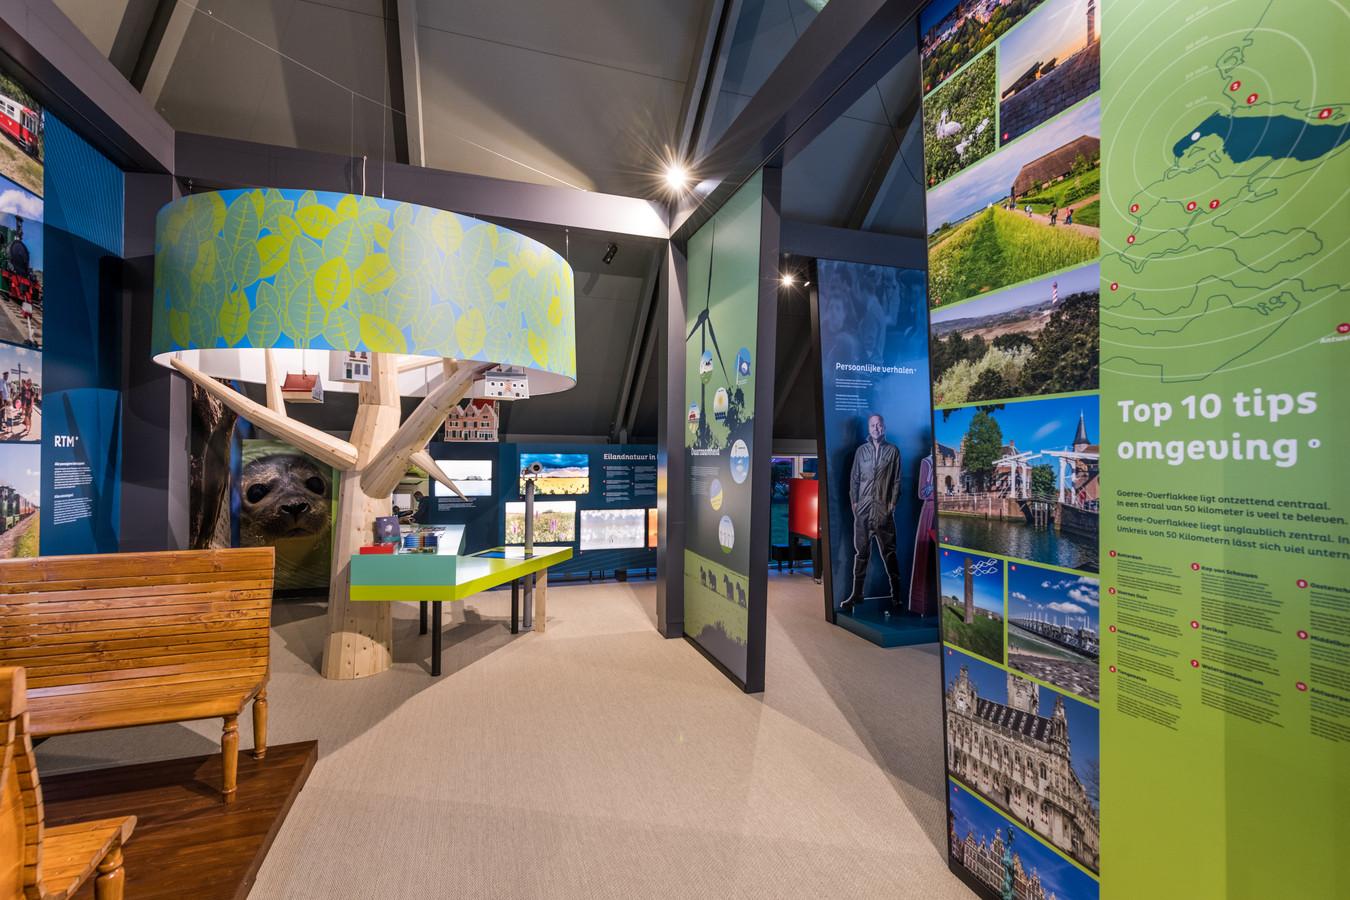 Impressie van een VVV in Zeeland die als inspiratiepunt is ingericht.